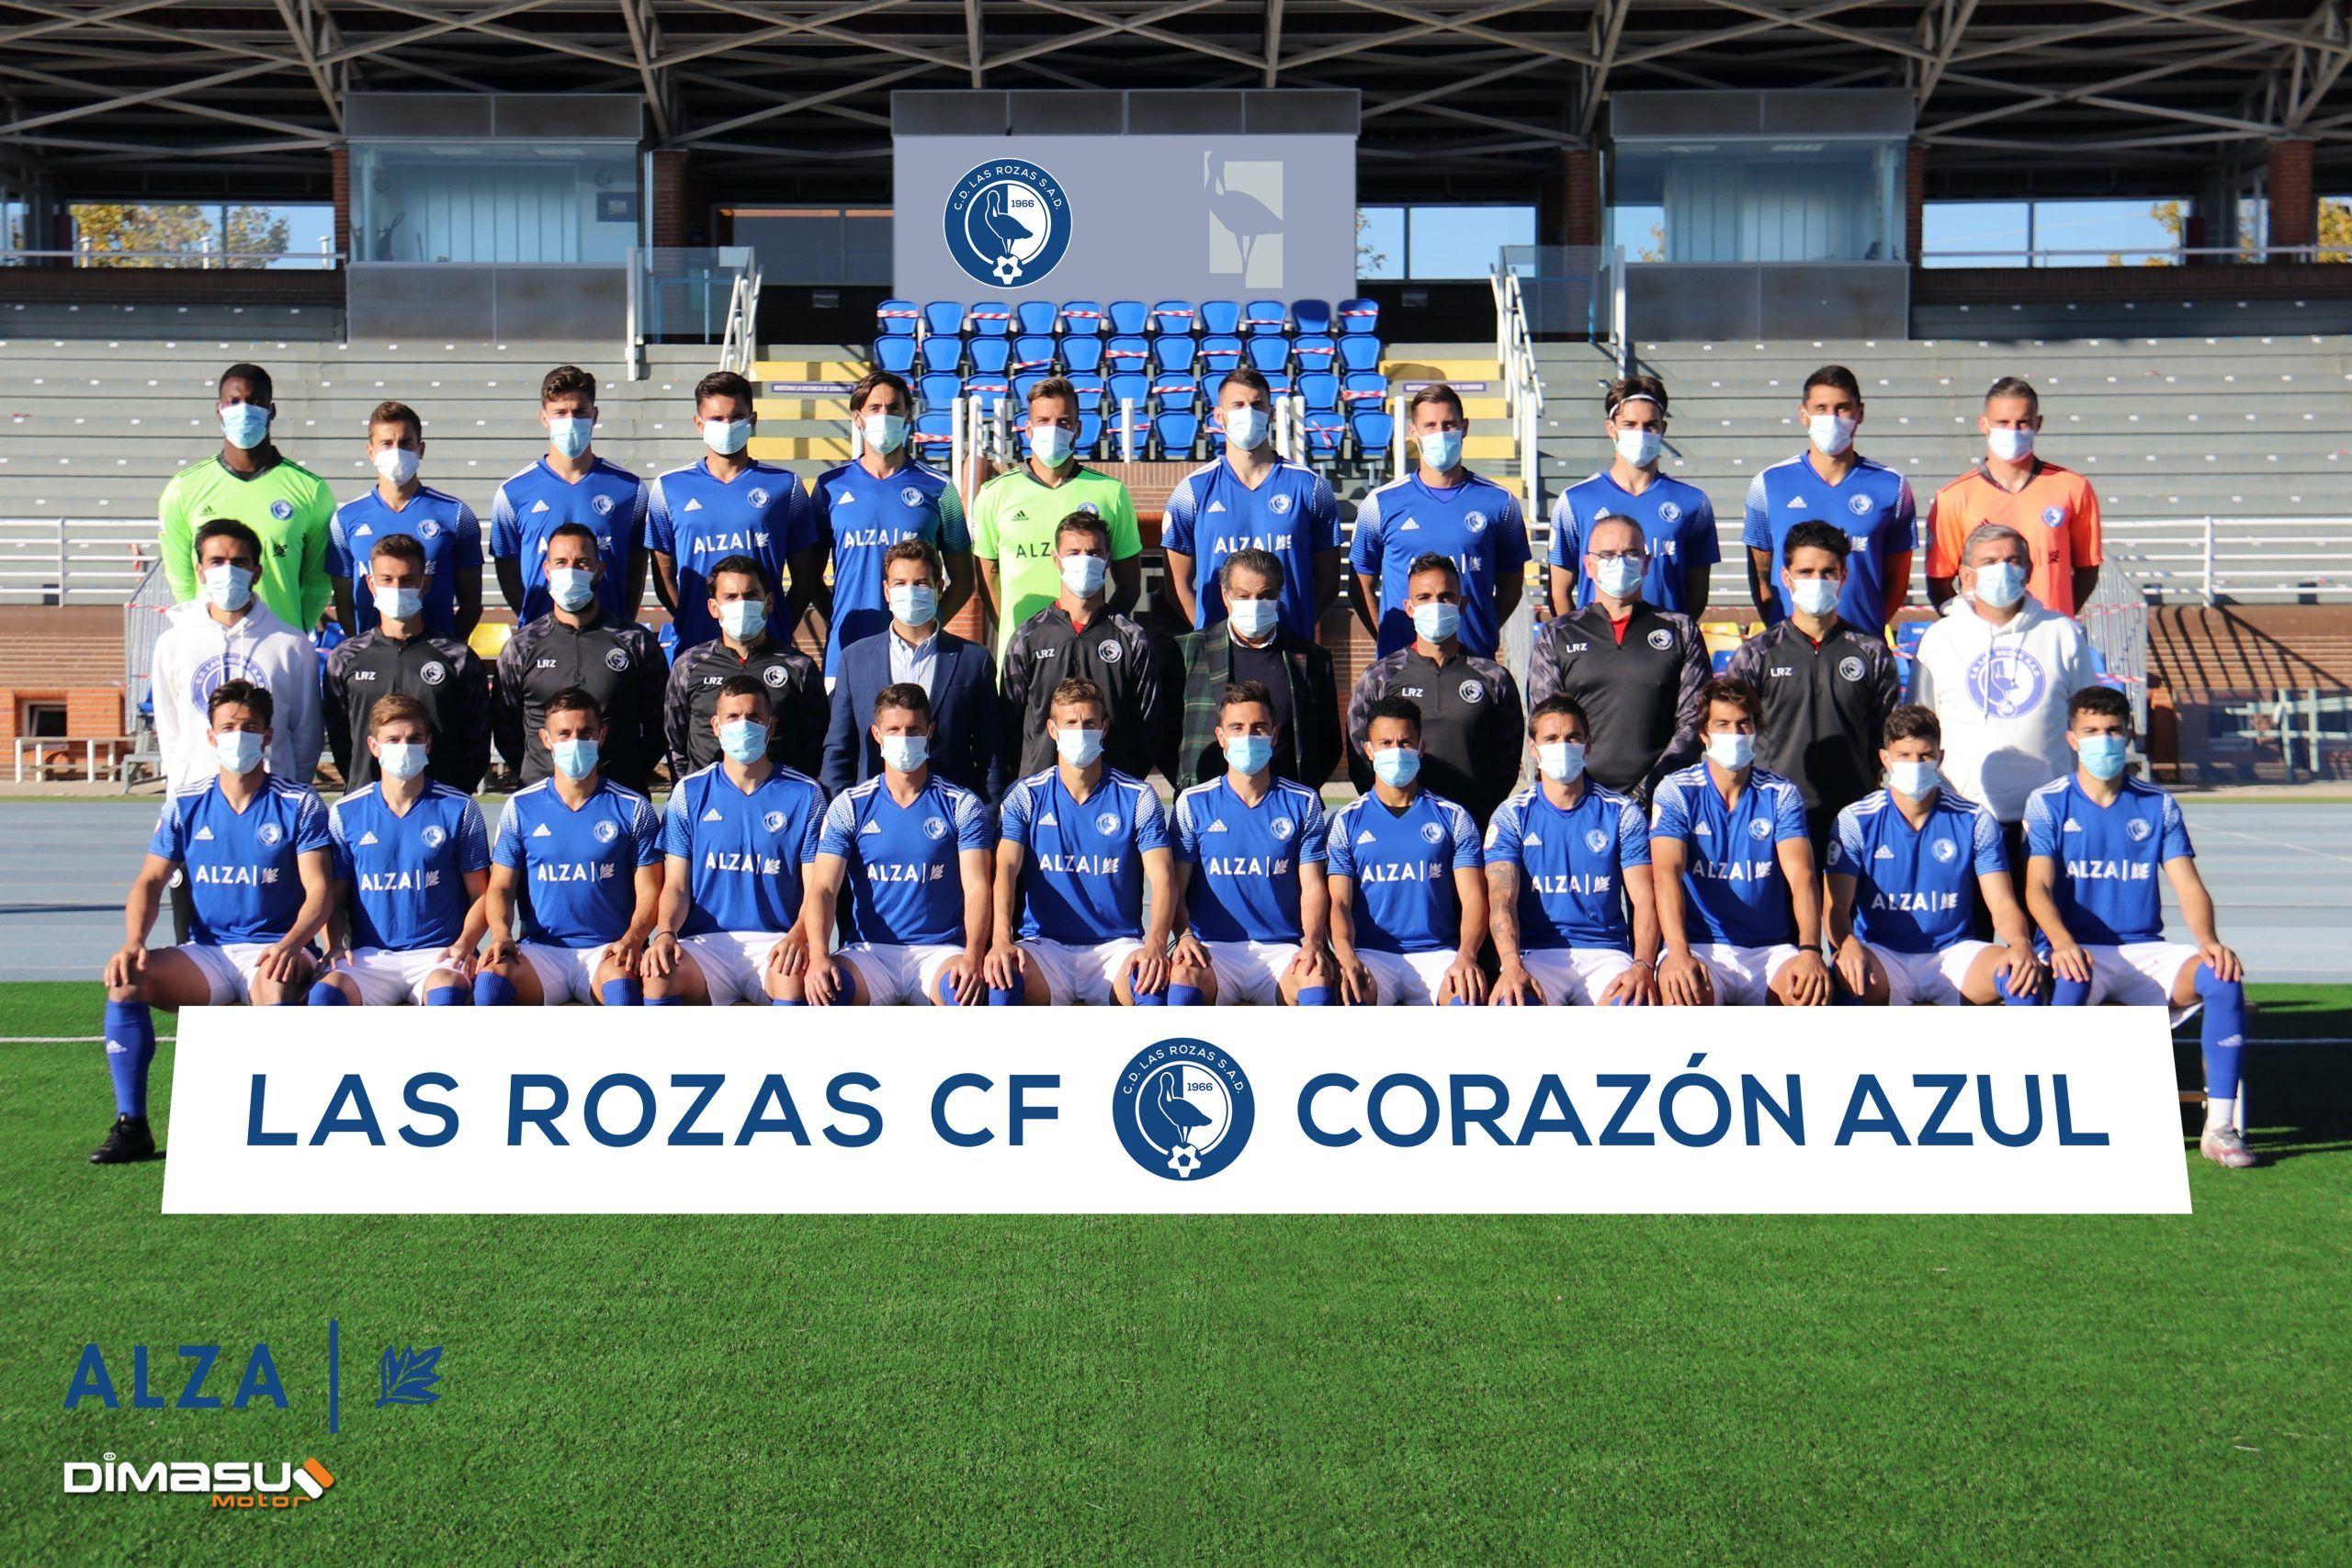 Las Rozas CF Segunda División B 2020-2021